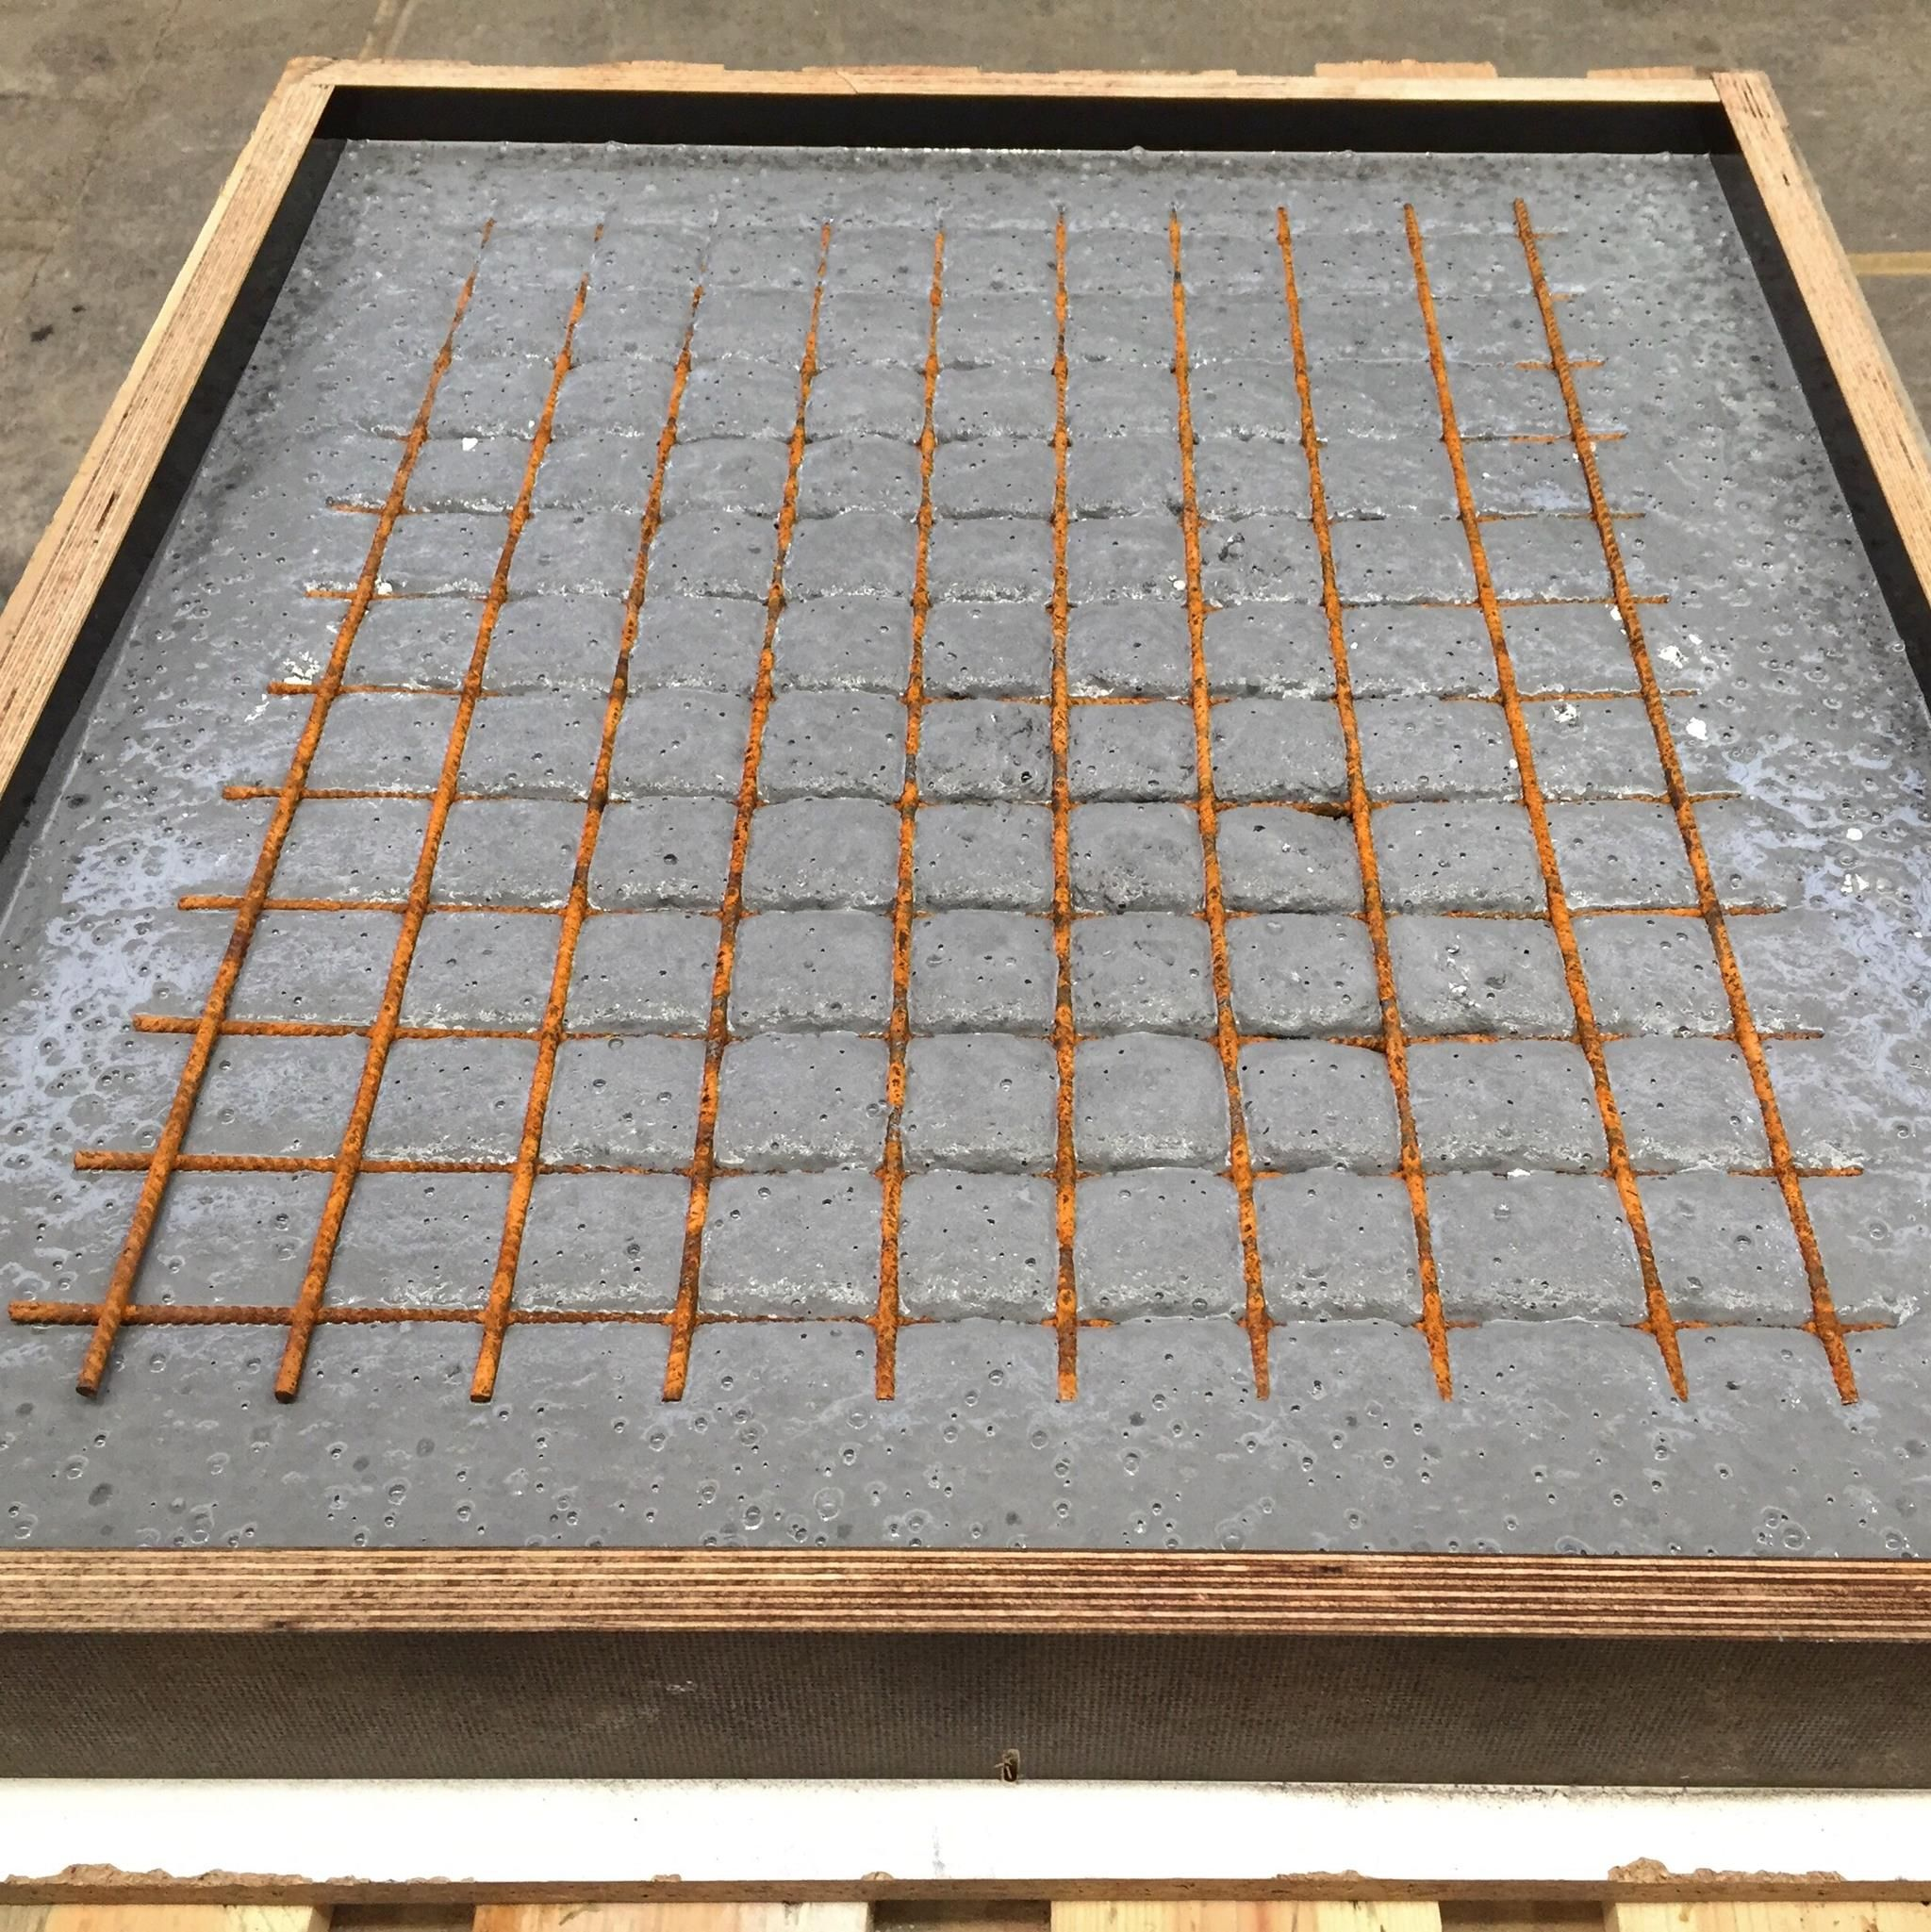 die besten 25 betontisch mit holzbeinen ideen auf pinterest ideen pflastersteinweg zement. Black Bedroom Furniture Sets. Home Design Ideas